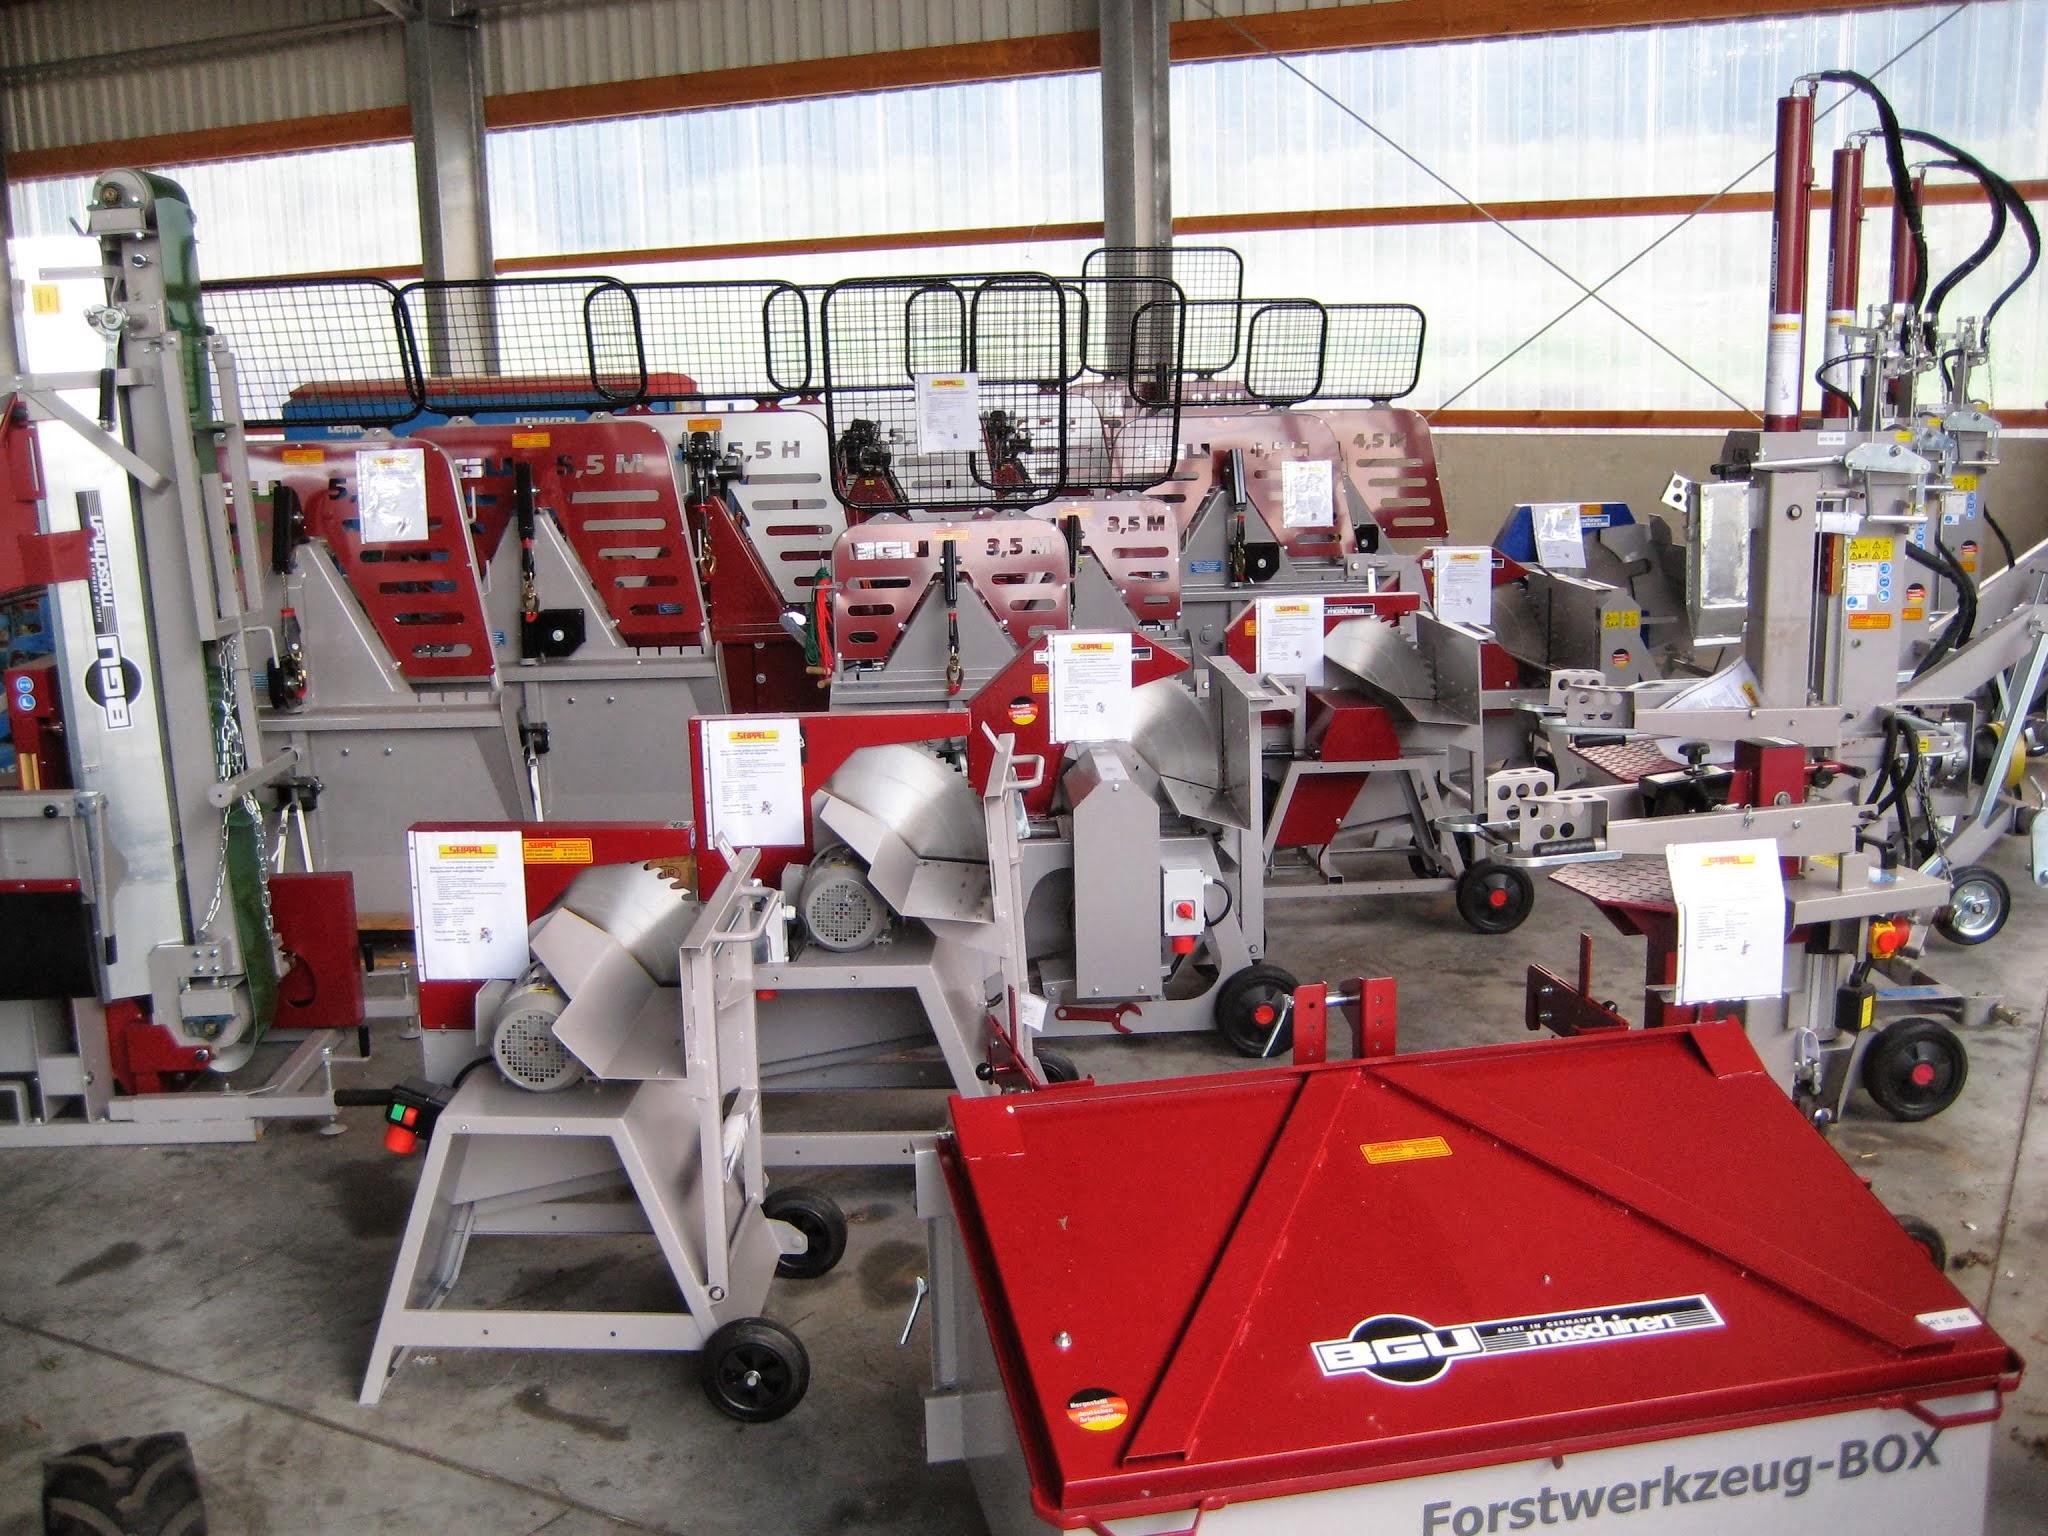 Seippel Landmaschinen GmbH